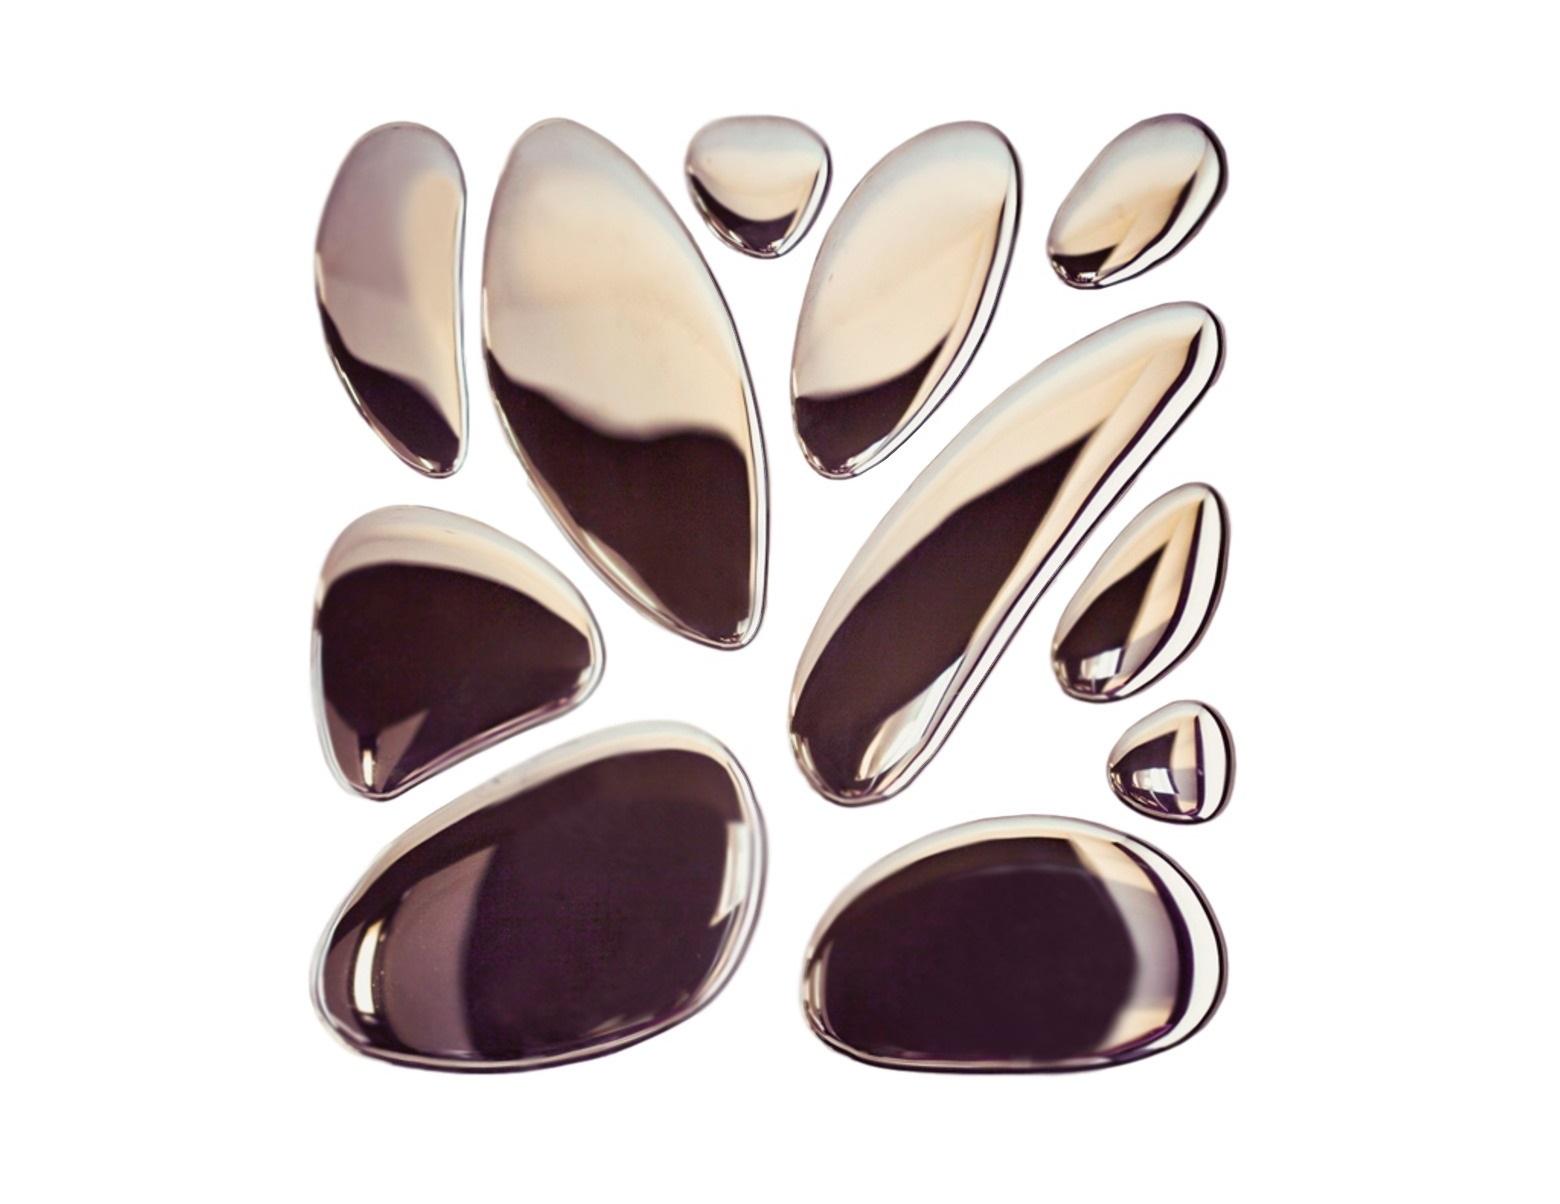 Композиция 11 капель SilverПанно<br>Элегантная композиция, состоящая из отдельных зеркальных капель, с легкостью станет главной изюминкой в вашем доме. Словно застывшие капельки ртути, или расплавленный металл – фантазировать о том, что же послужило вдохновением при создании композиции 11 Капель, можно бесконечно. Этот оригинальный декор станет прекрасным дополнением в дизайне, как общественного, так и приватного интерьера. 11 зеркальных капель разной величины легко фиксируются на клей к любой поверхности и формируют удивительную композицию. Эти 11 капель – образец безупречной работы и настоящего мастерства. Клей в комплекте не идет. Есть трафарет.<br><br>Material: Стекло<br>Width см: 80<br>Depth см: 1<br>Height см: 80